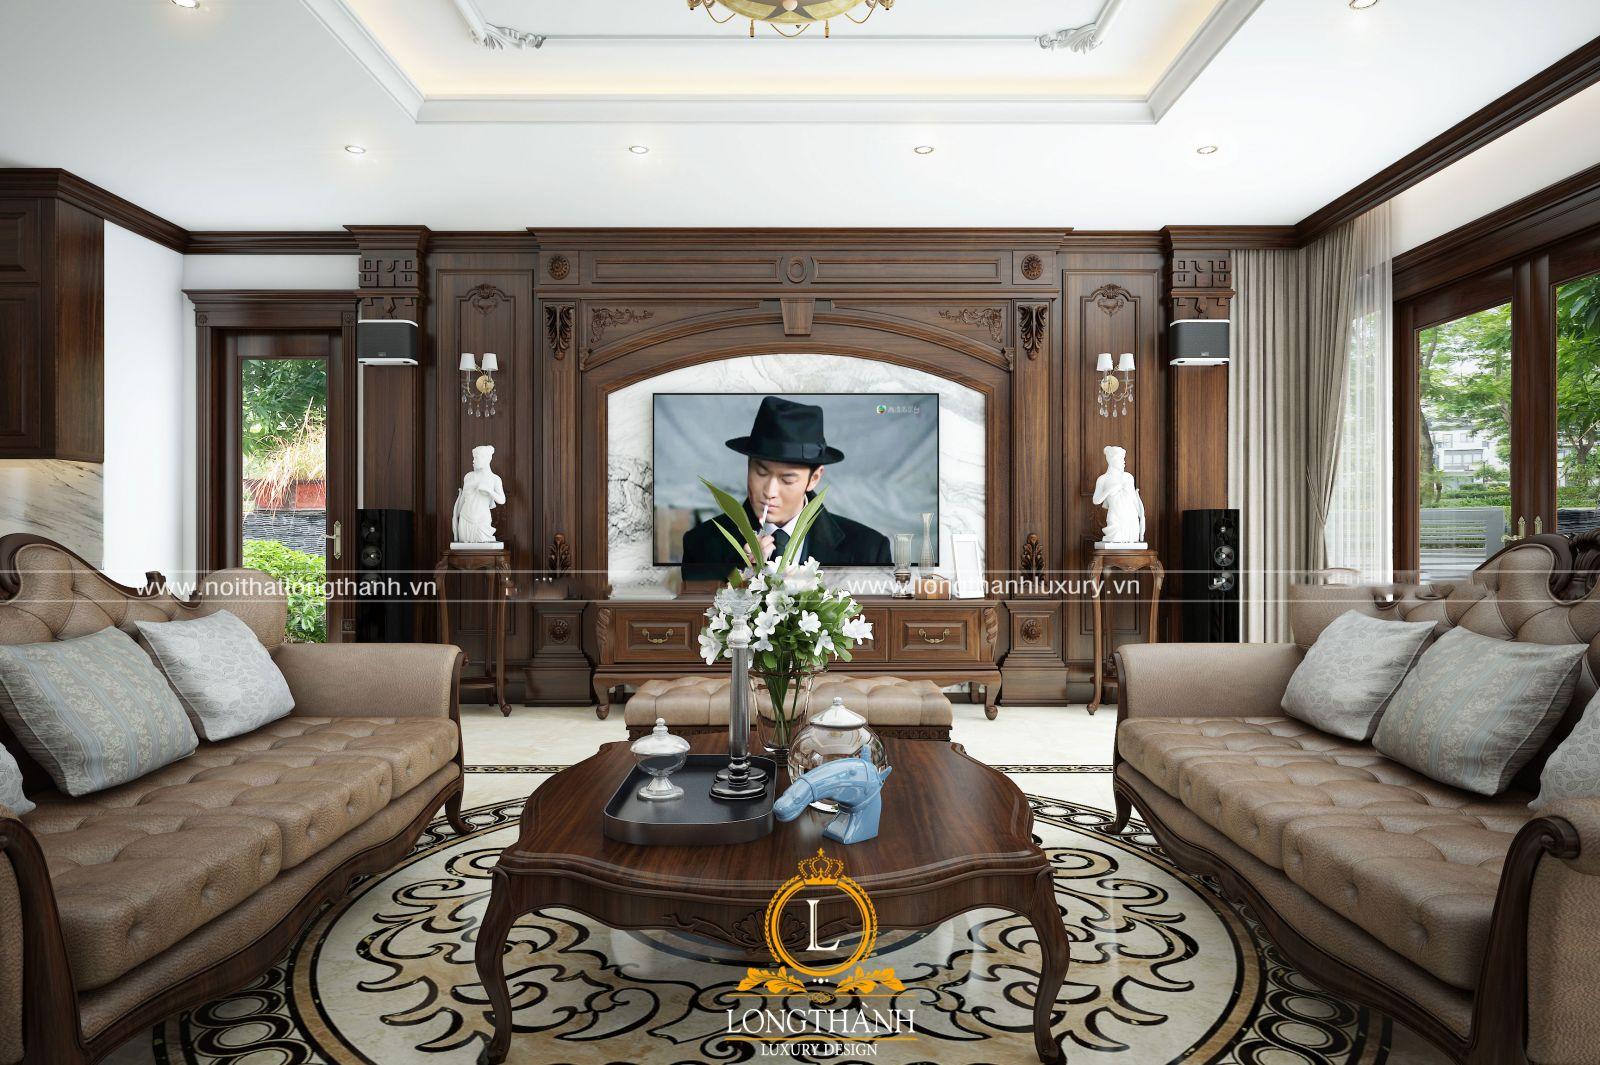 Phòng khách đẹp với đồ nội thất đươc bố trí ngăn nắp và tiện nghi